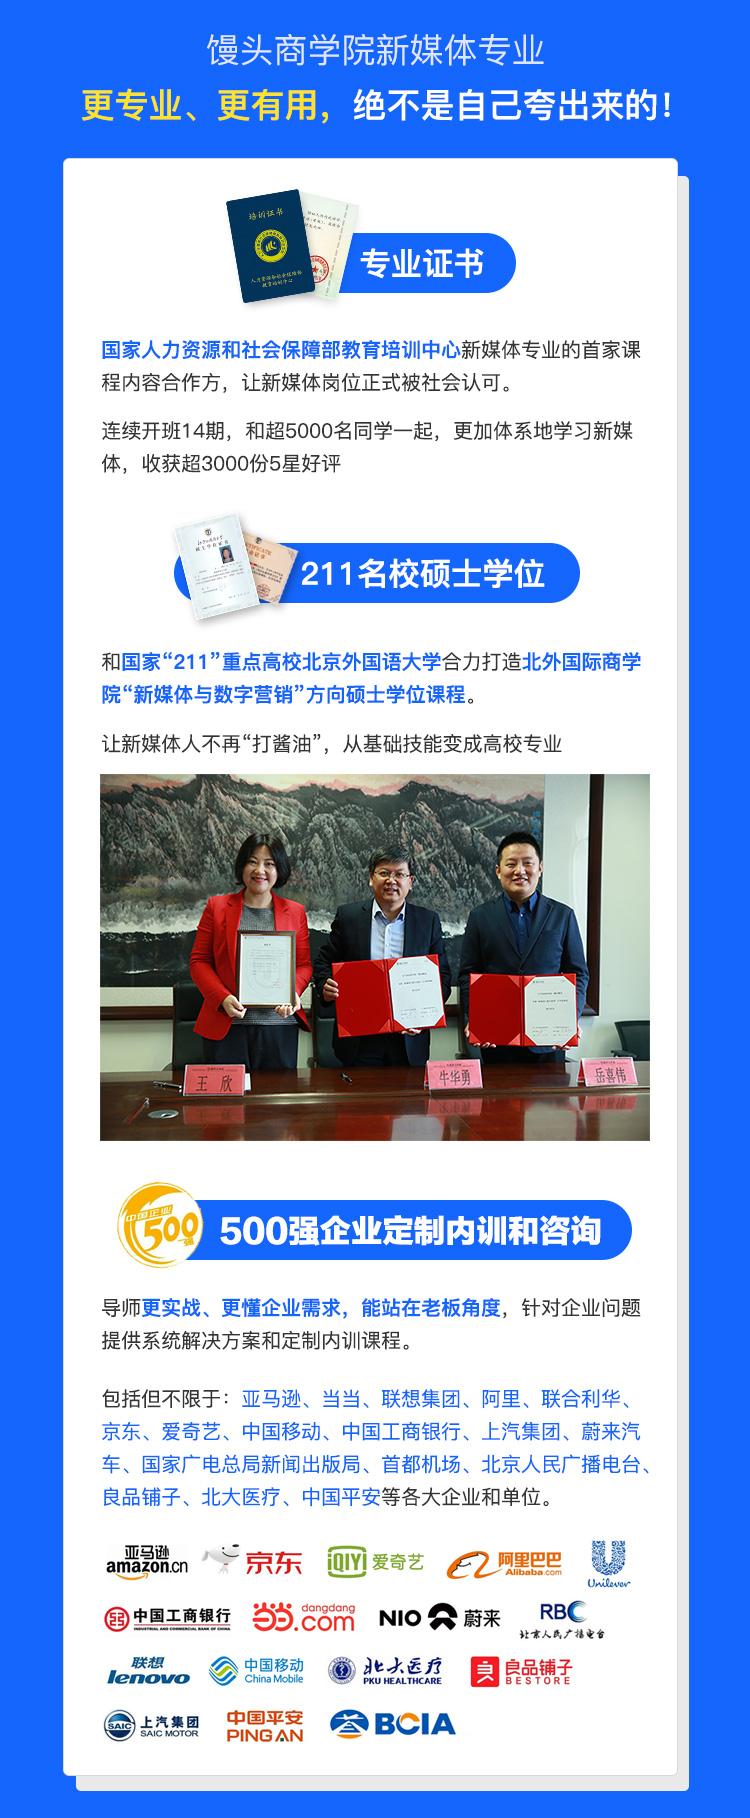 http://mtedu-img.oss-cn-beijing-internal.aliyuncs.com/ueditor/20190801151445_388734.jpg